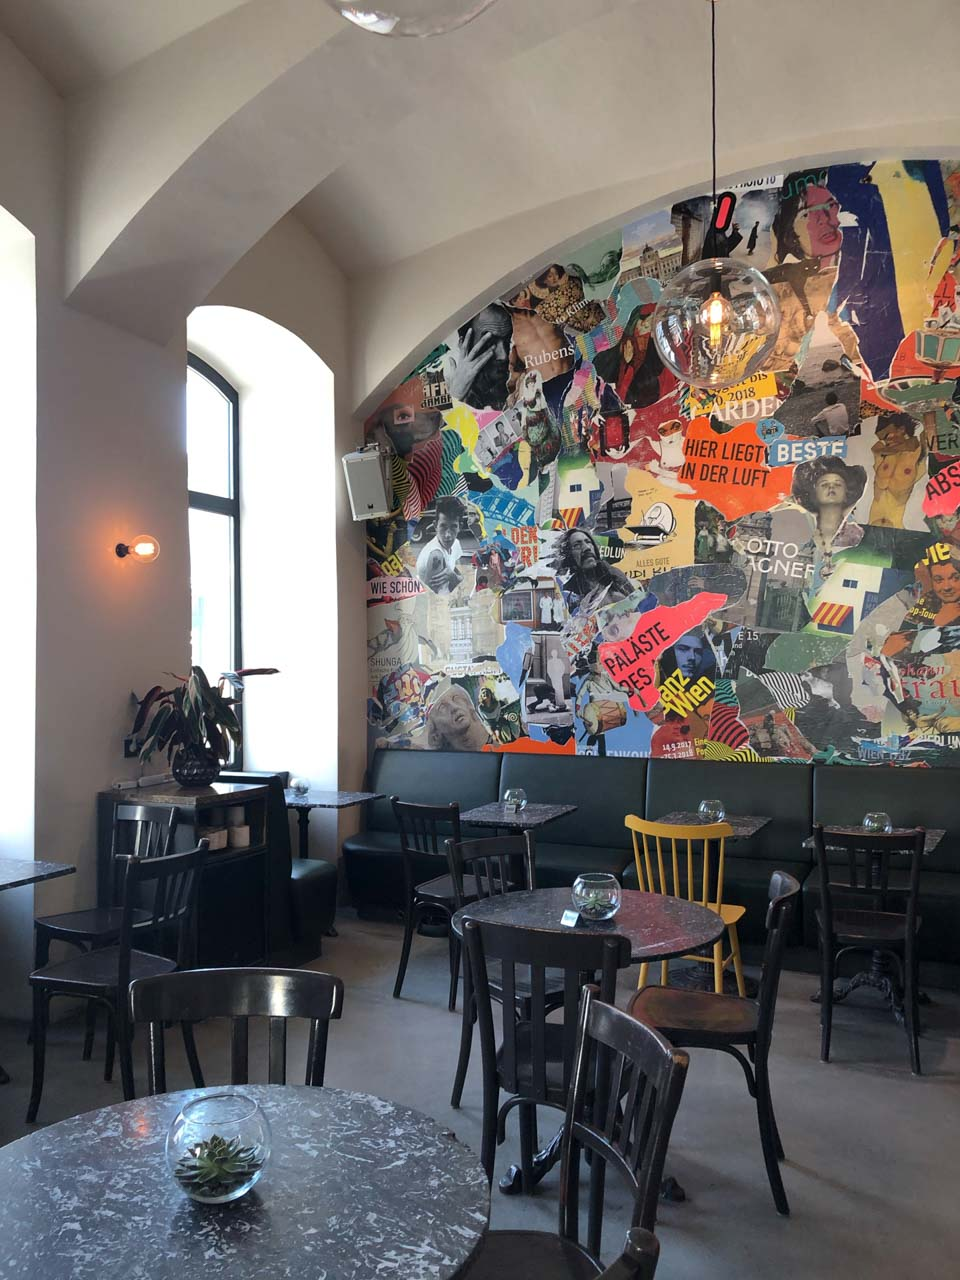 Wall art inside of Drechsler